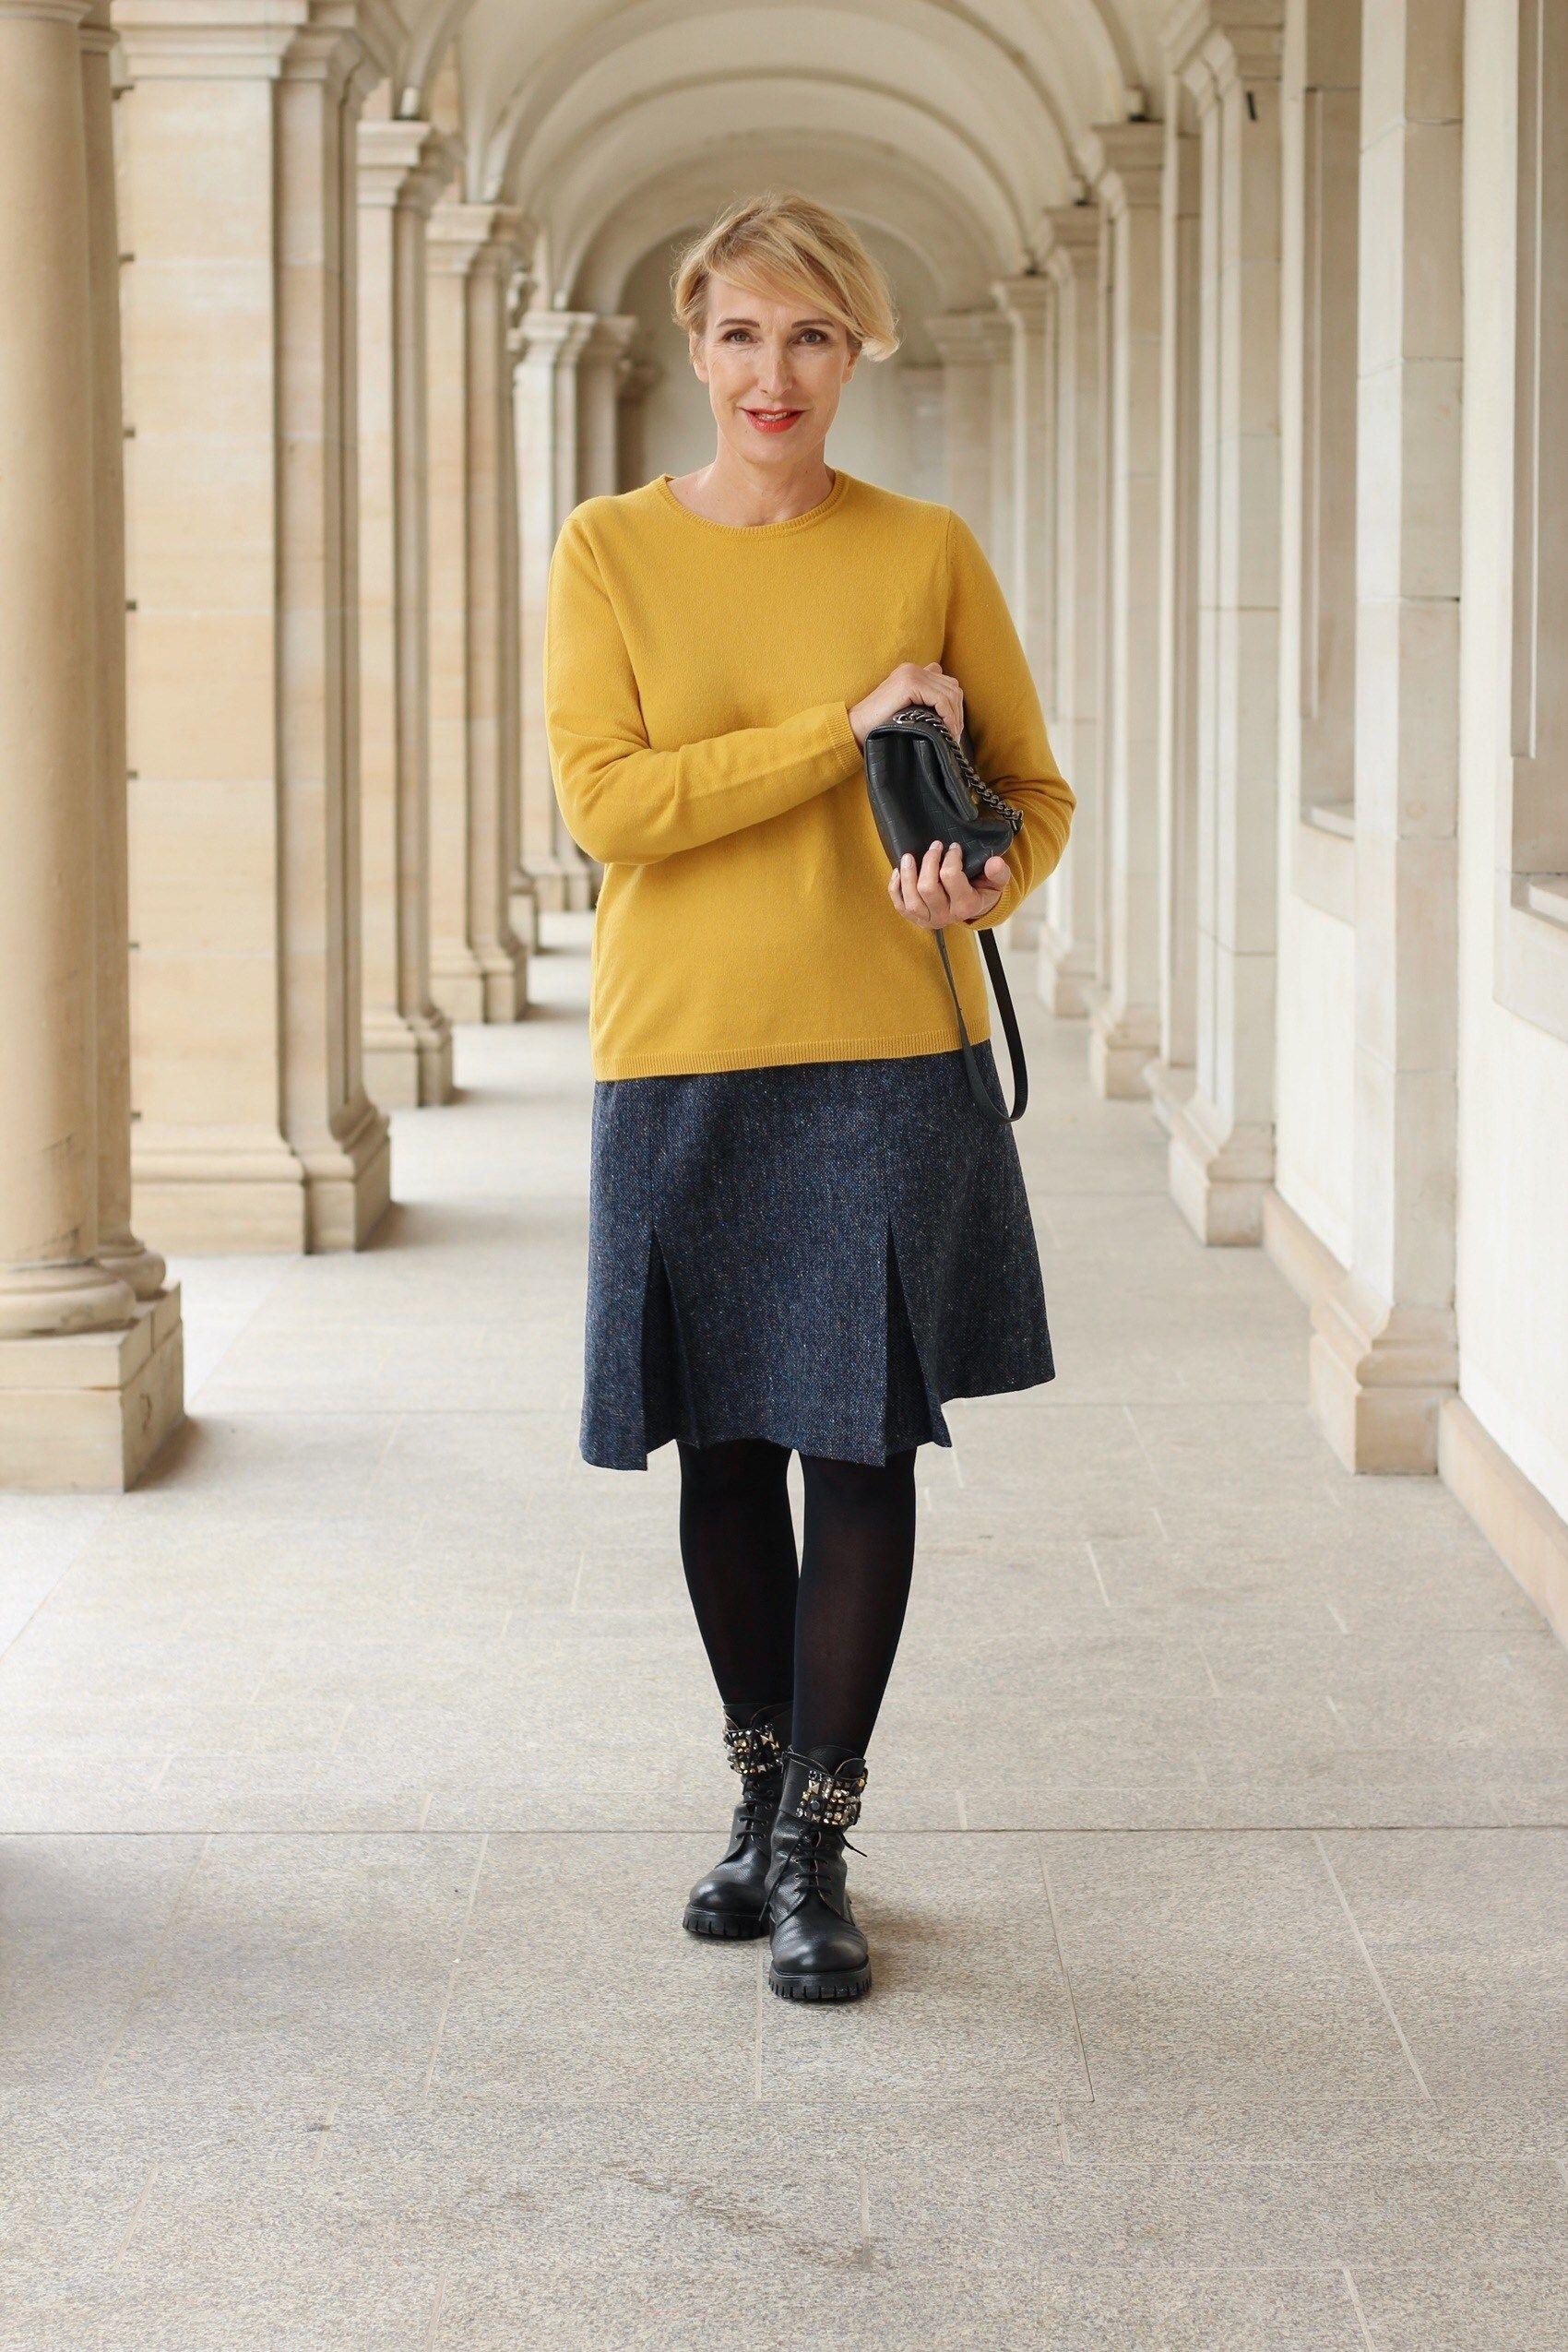 Tweed - klassischer englischer Stil - Glam up your